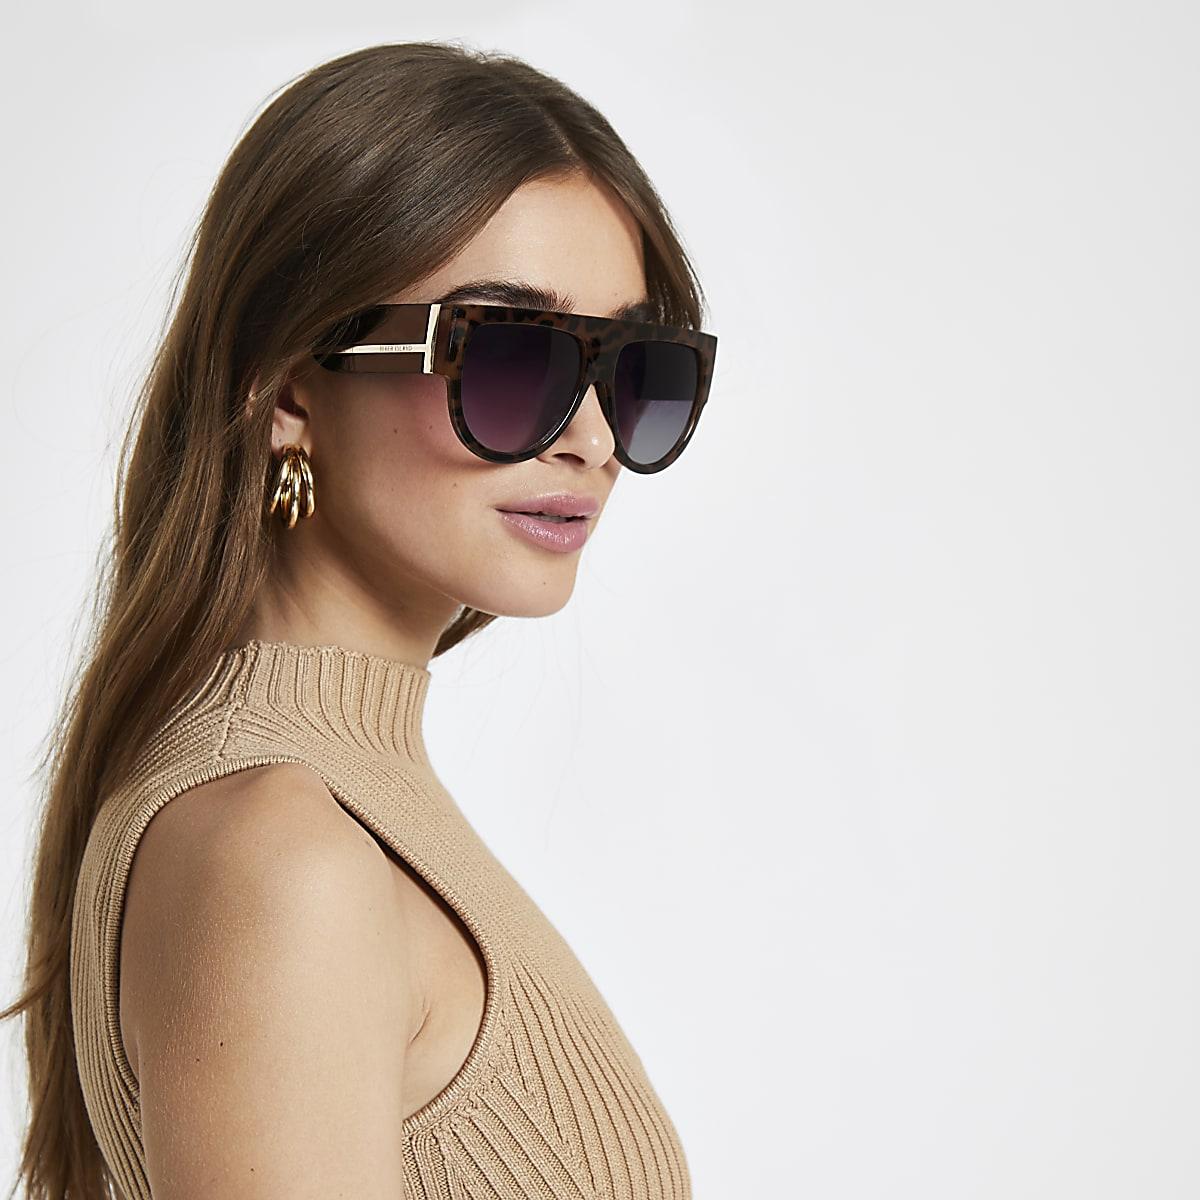 0bf3f75941914b Bruine tortoise visor zonnebril - Retro zonnebrillen - Zonnebrillen ...